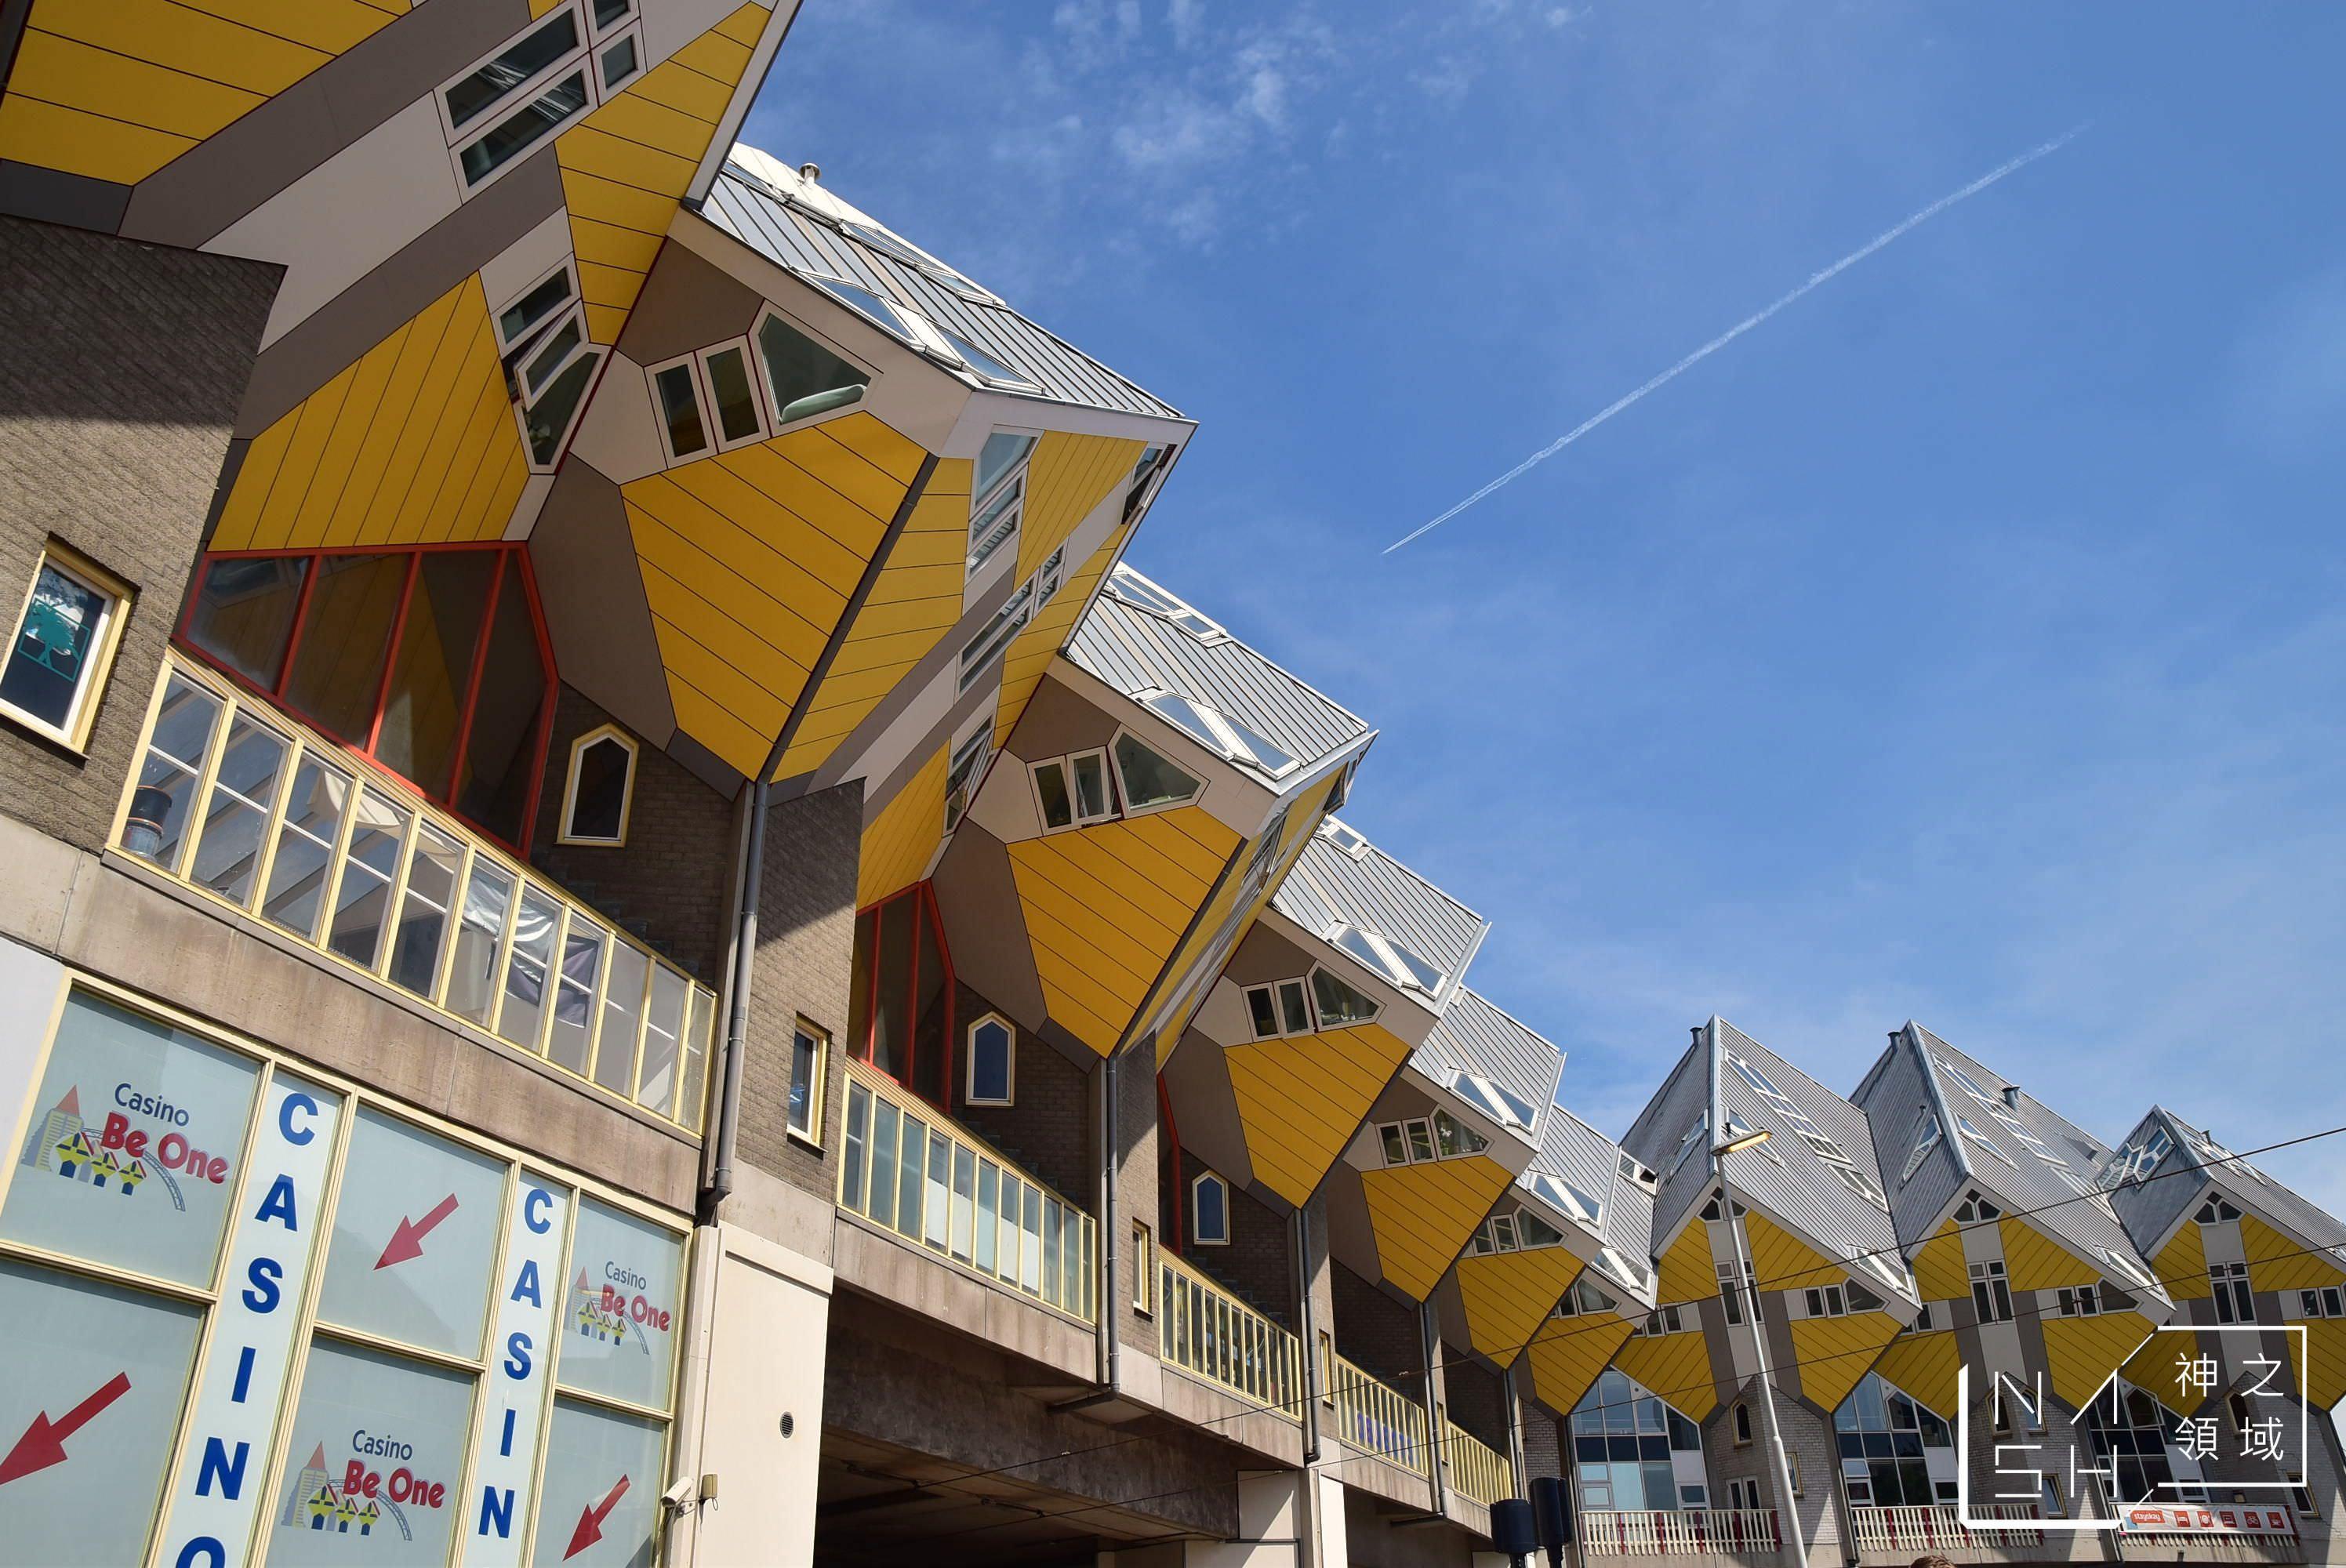 鹿特丹市集,鹿特丹方塊屋,鹿特丹景點,鹿特丹交通